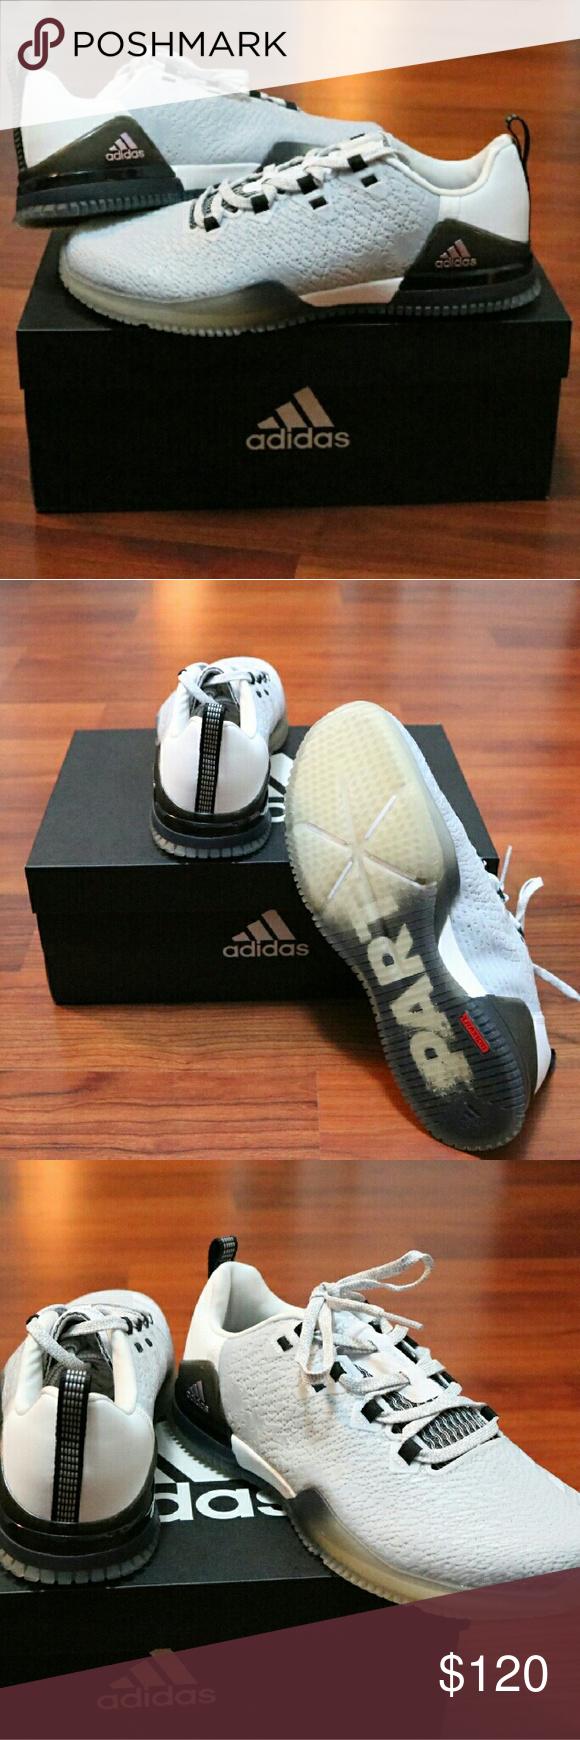 Finale!le scarpe adidas crazypower formazione nwt colore grigio